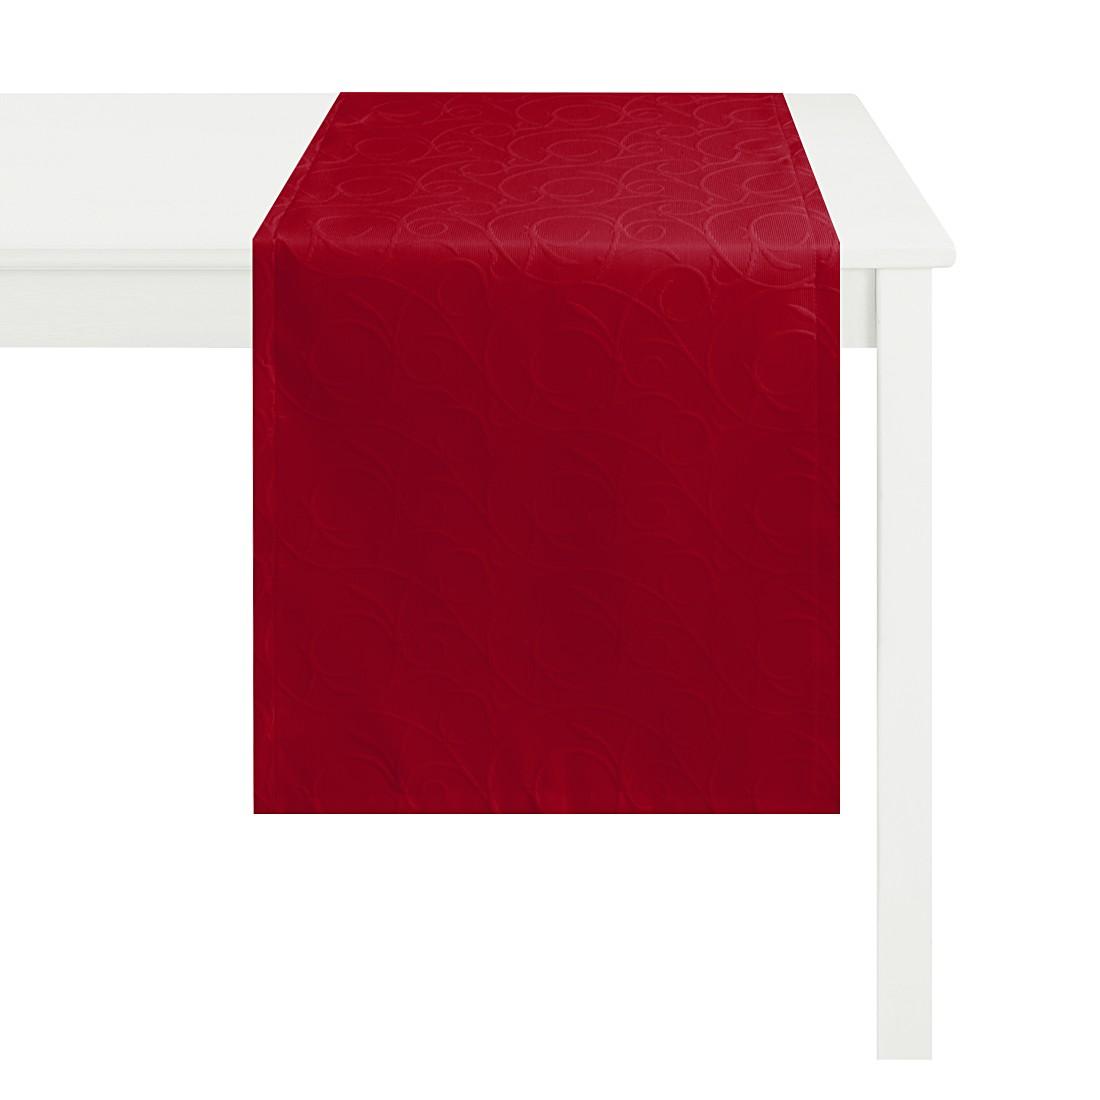 Tischläufer Ornamento – Rot, Apelt jetzt bestellen